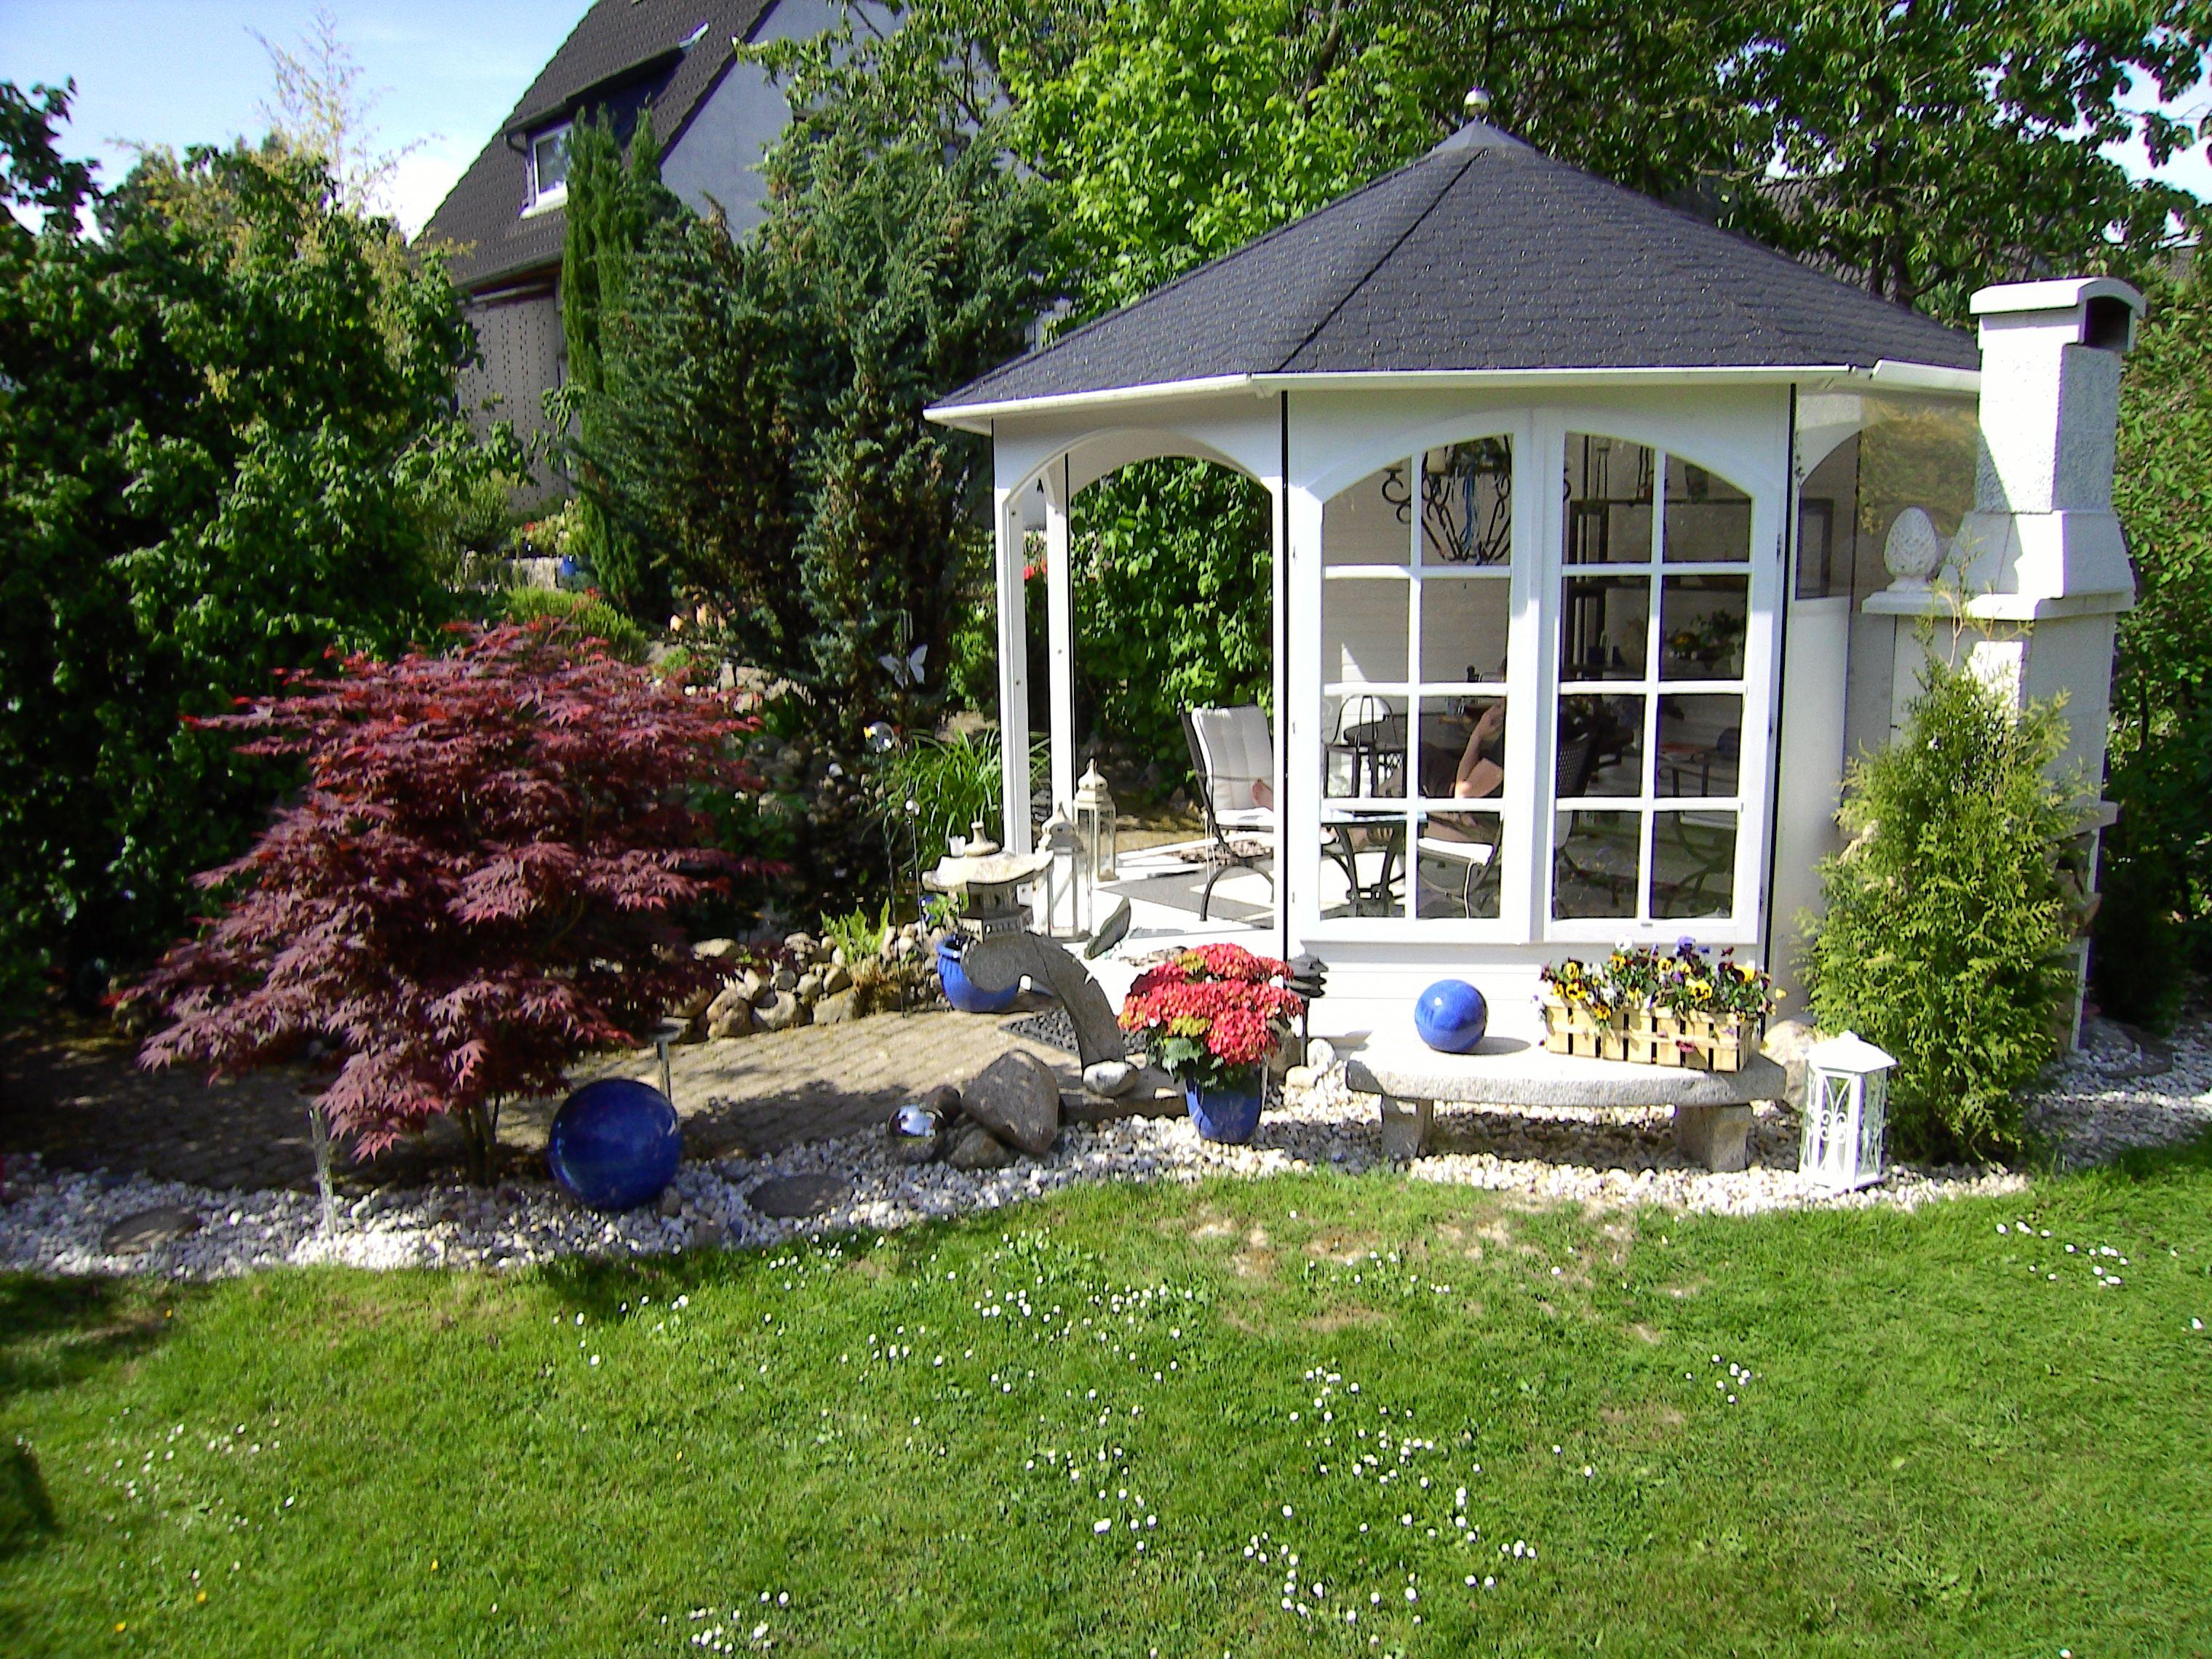 Modern von RIWO Gartenpavillons auf Gartenpavillons